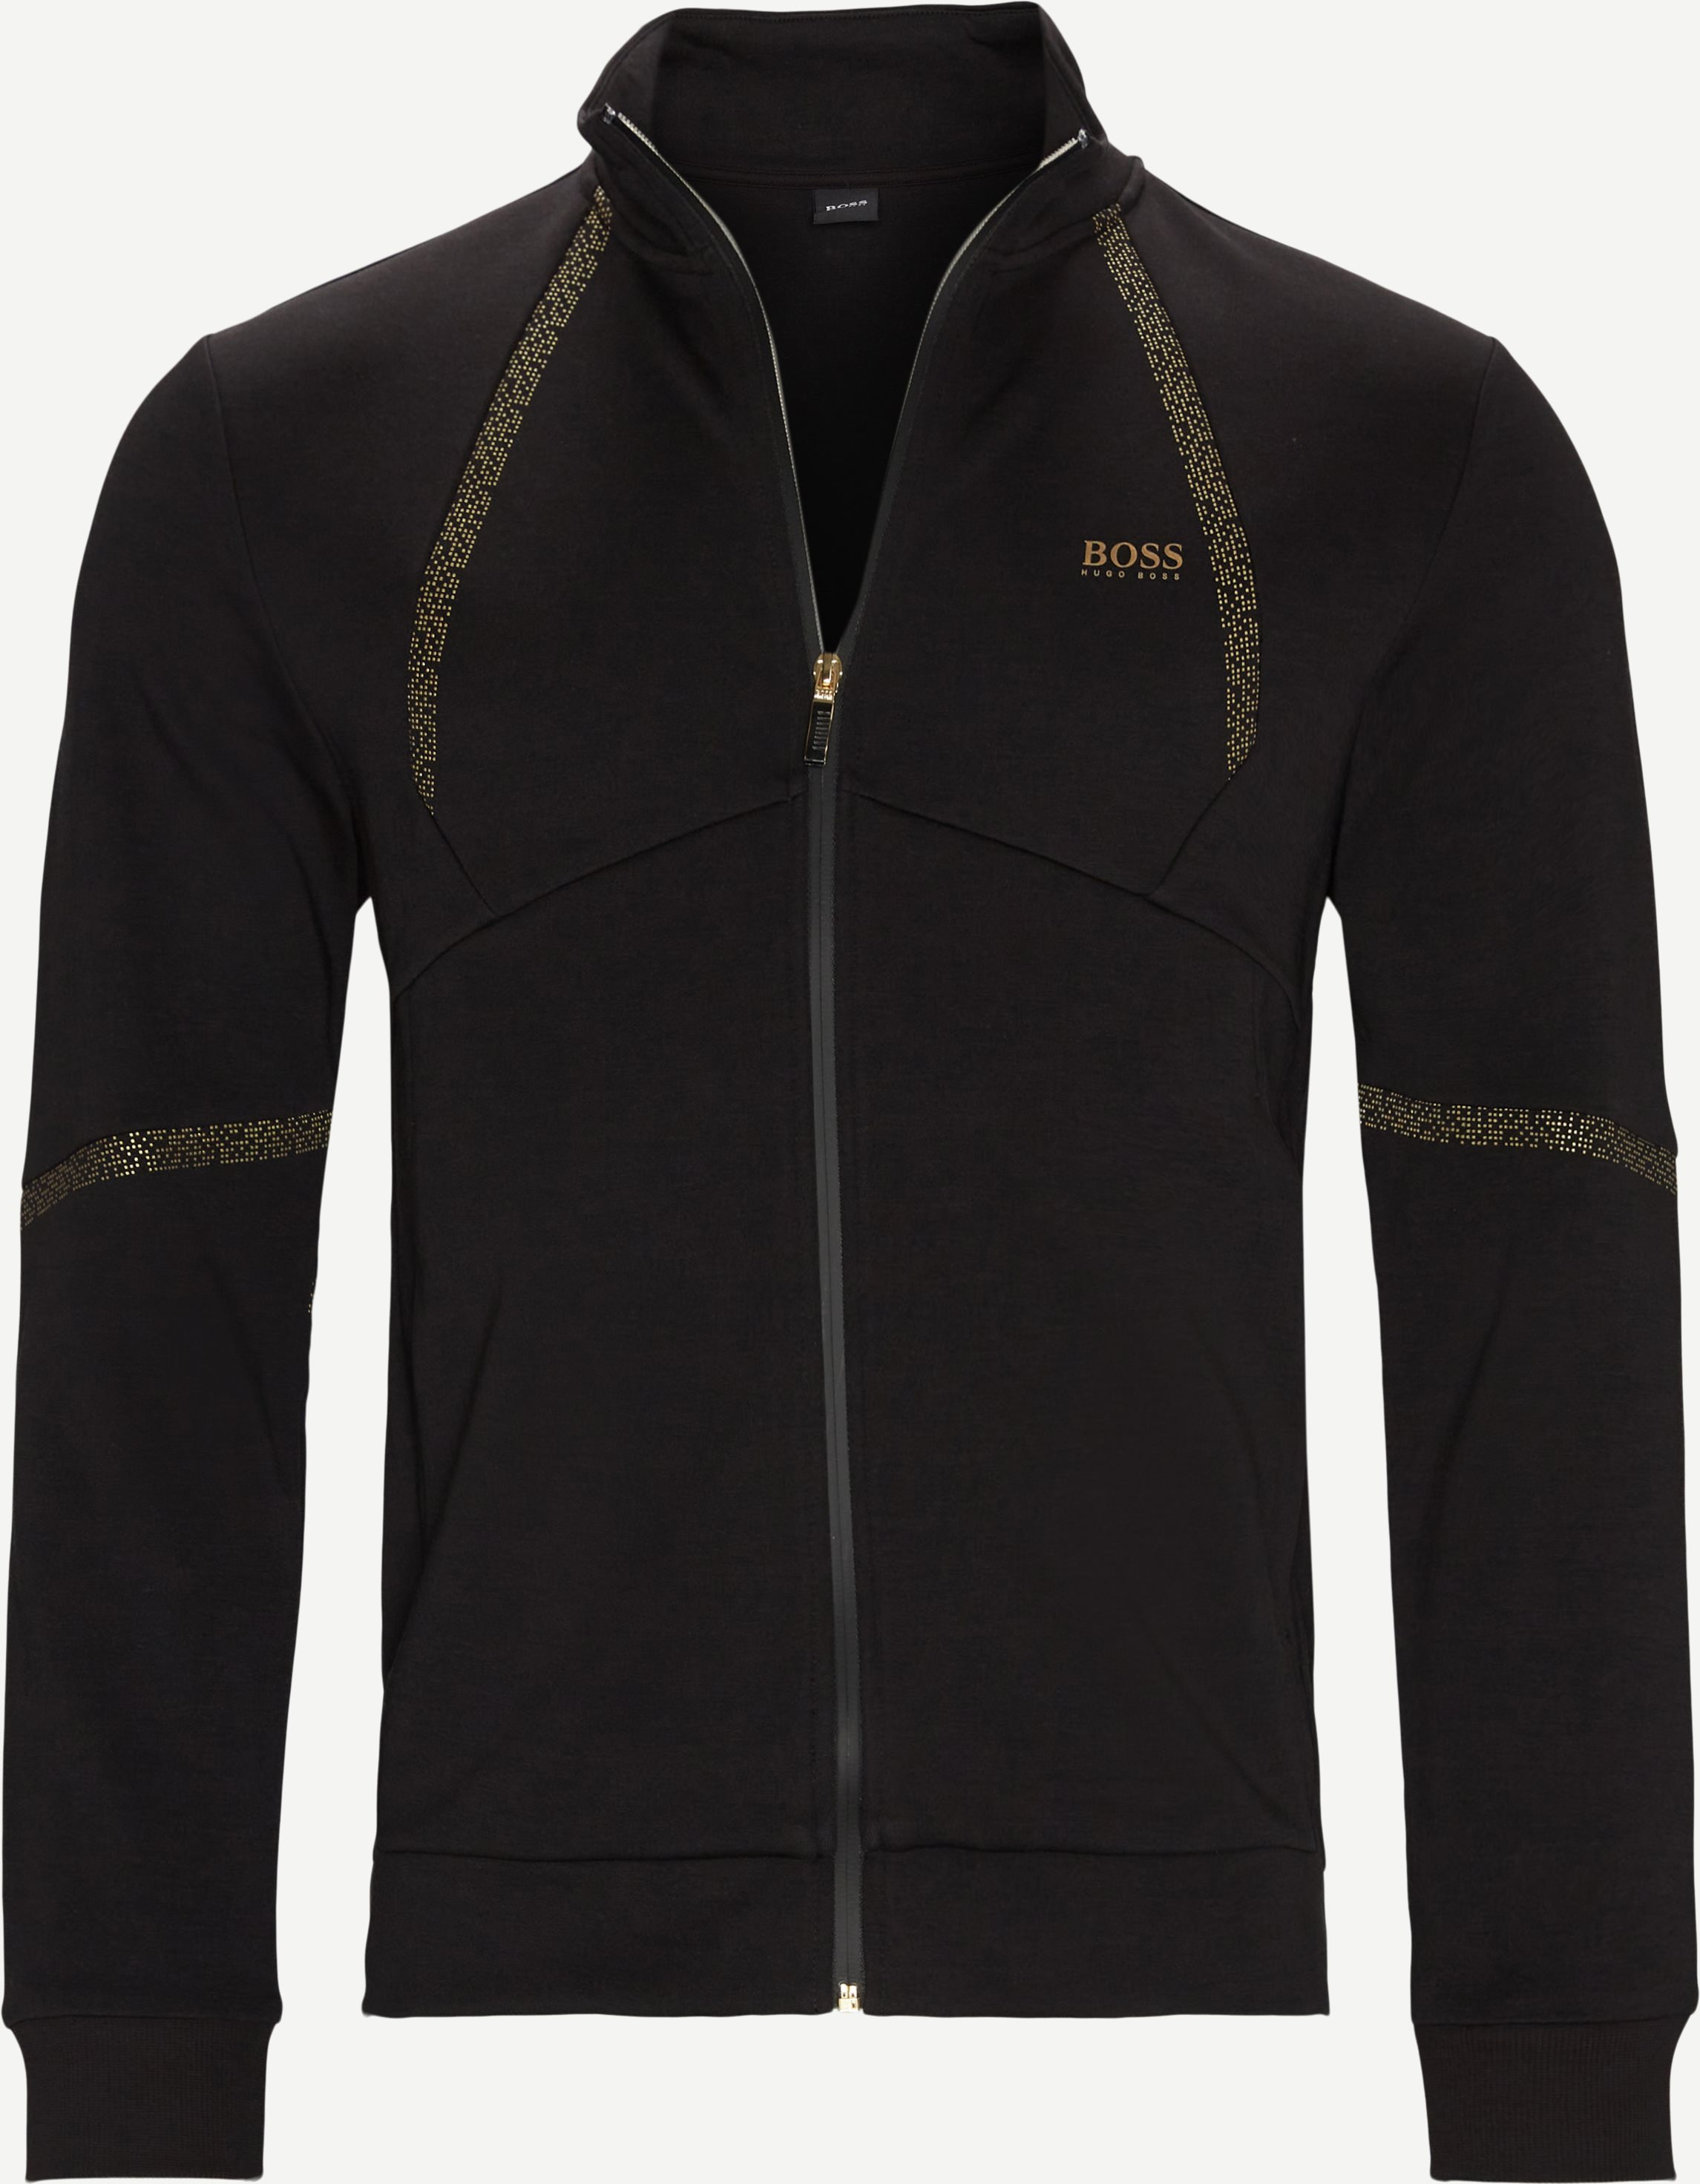 Sweatshirts - Regular fit - Schwarz